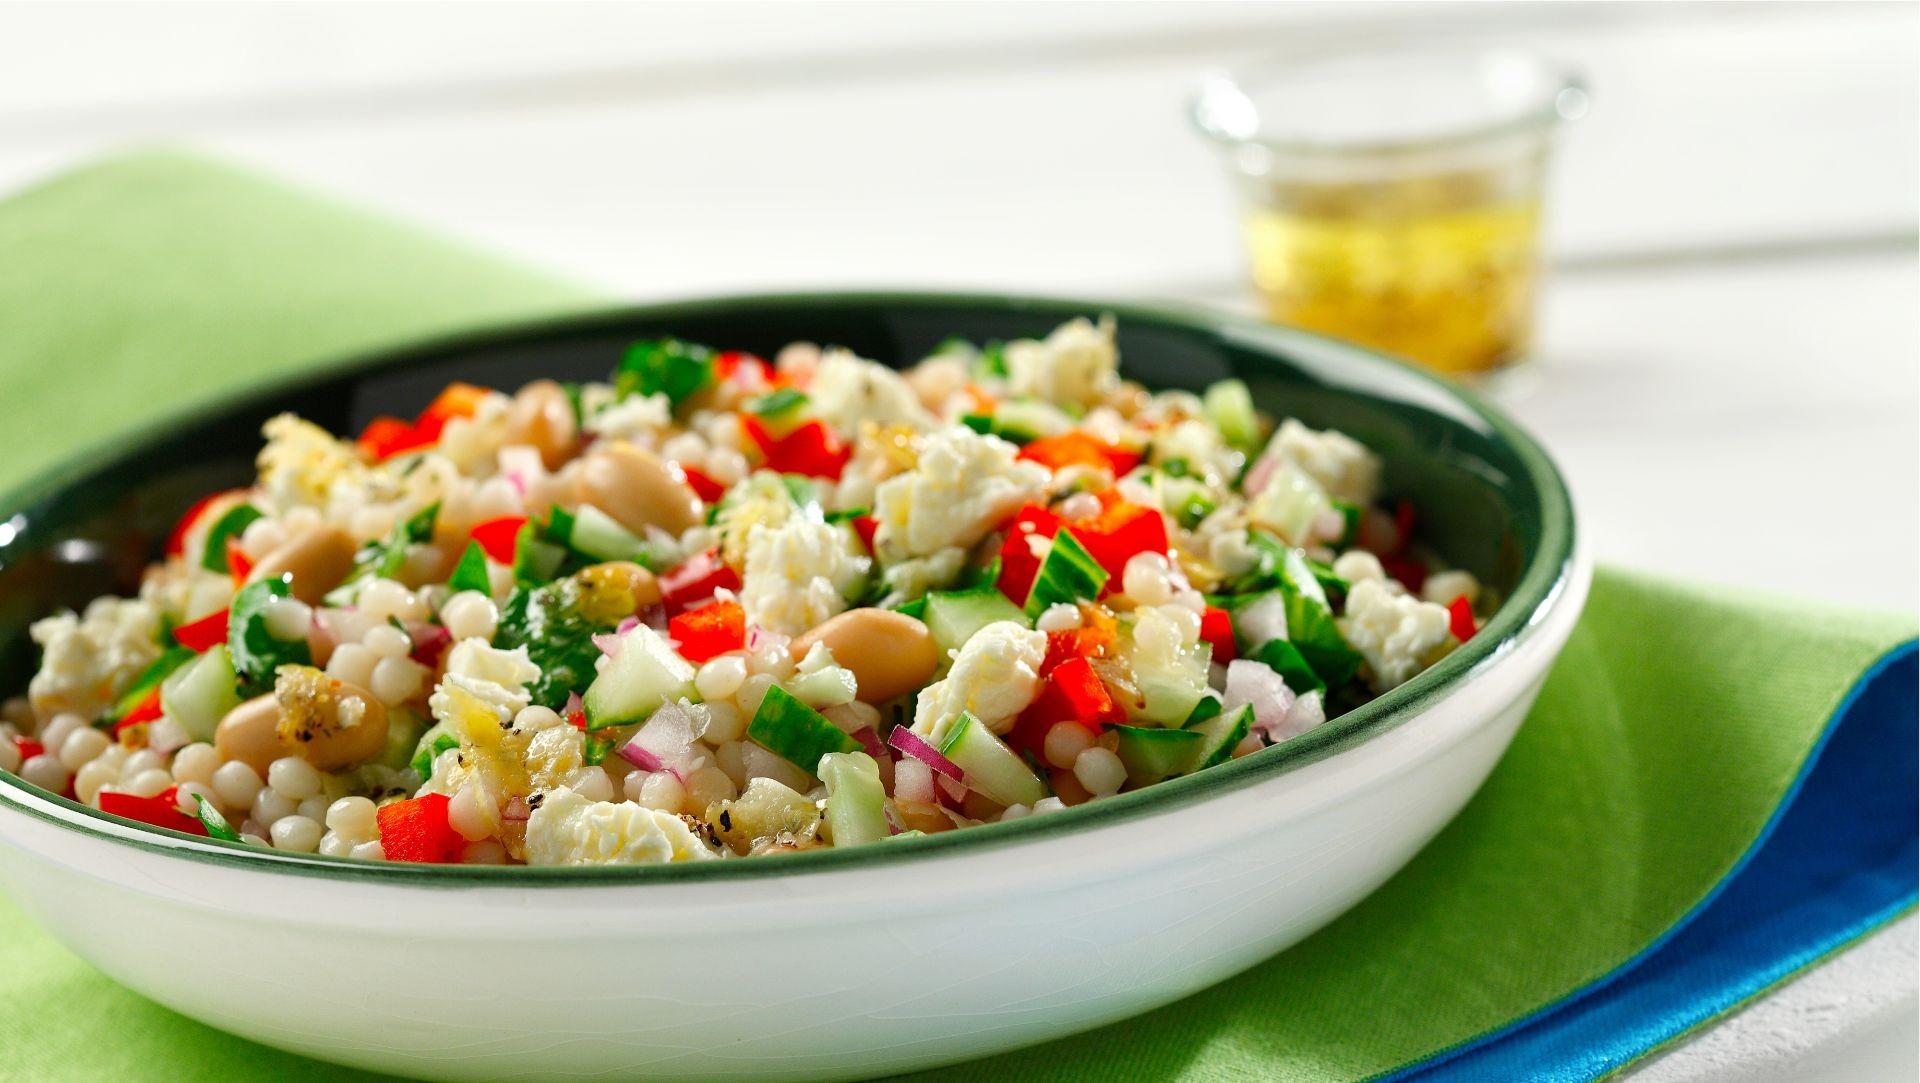 Salade de couscous perlé avec feta et romarin dans un bol blanc sur un set de table vert.